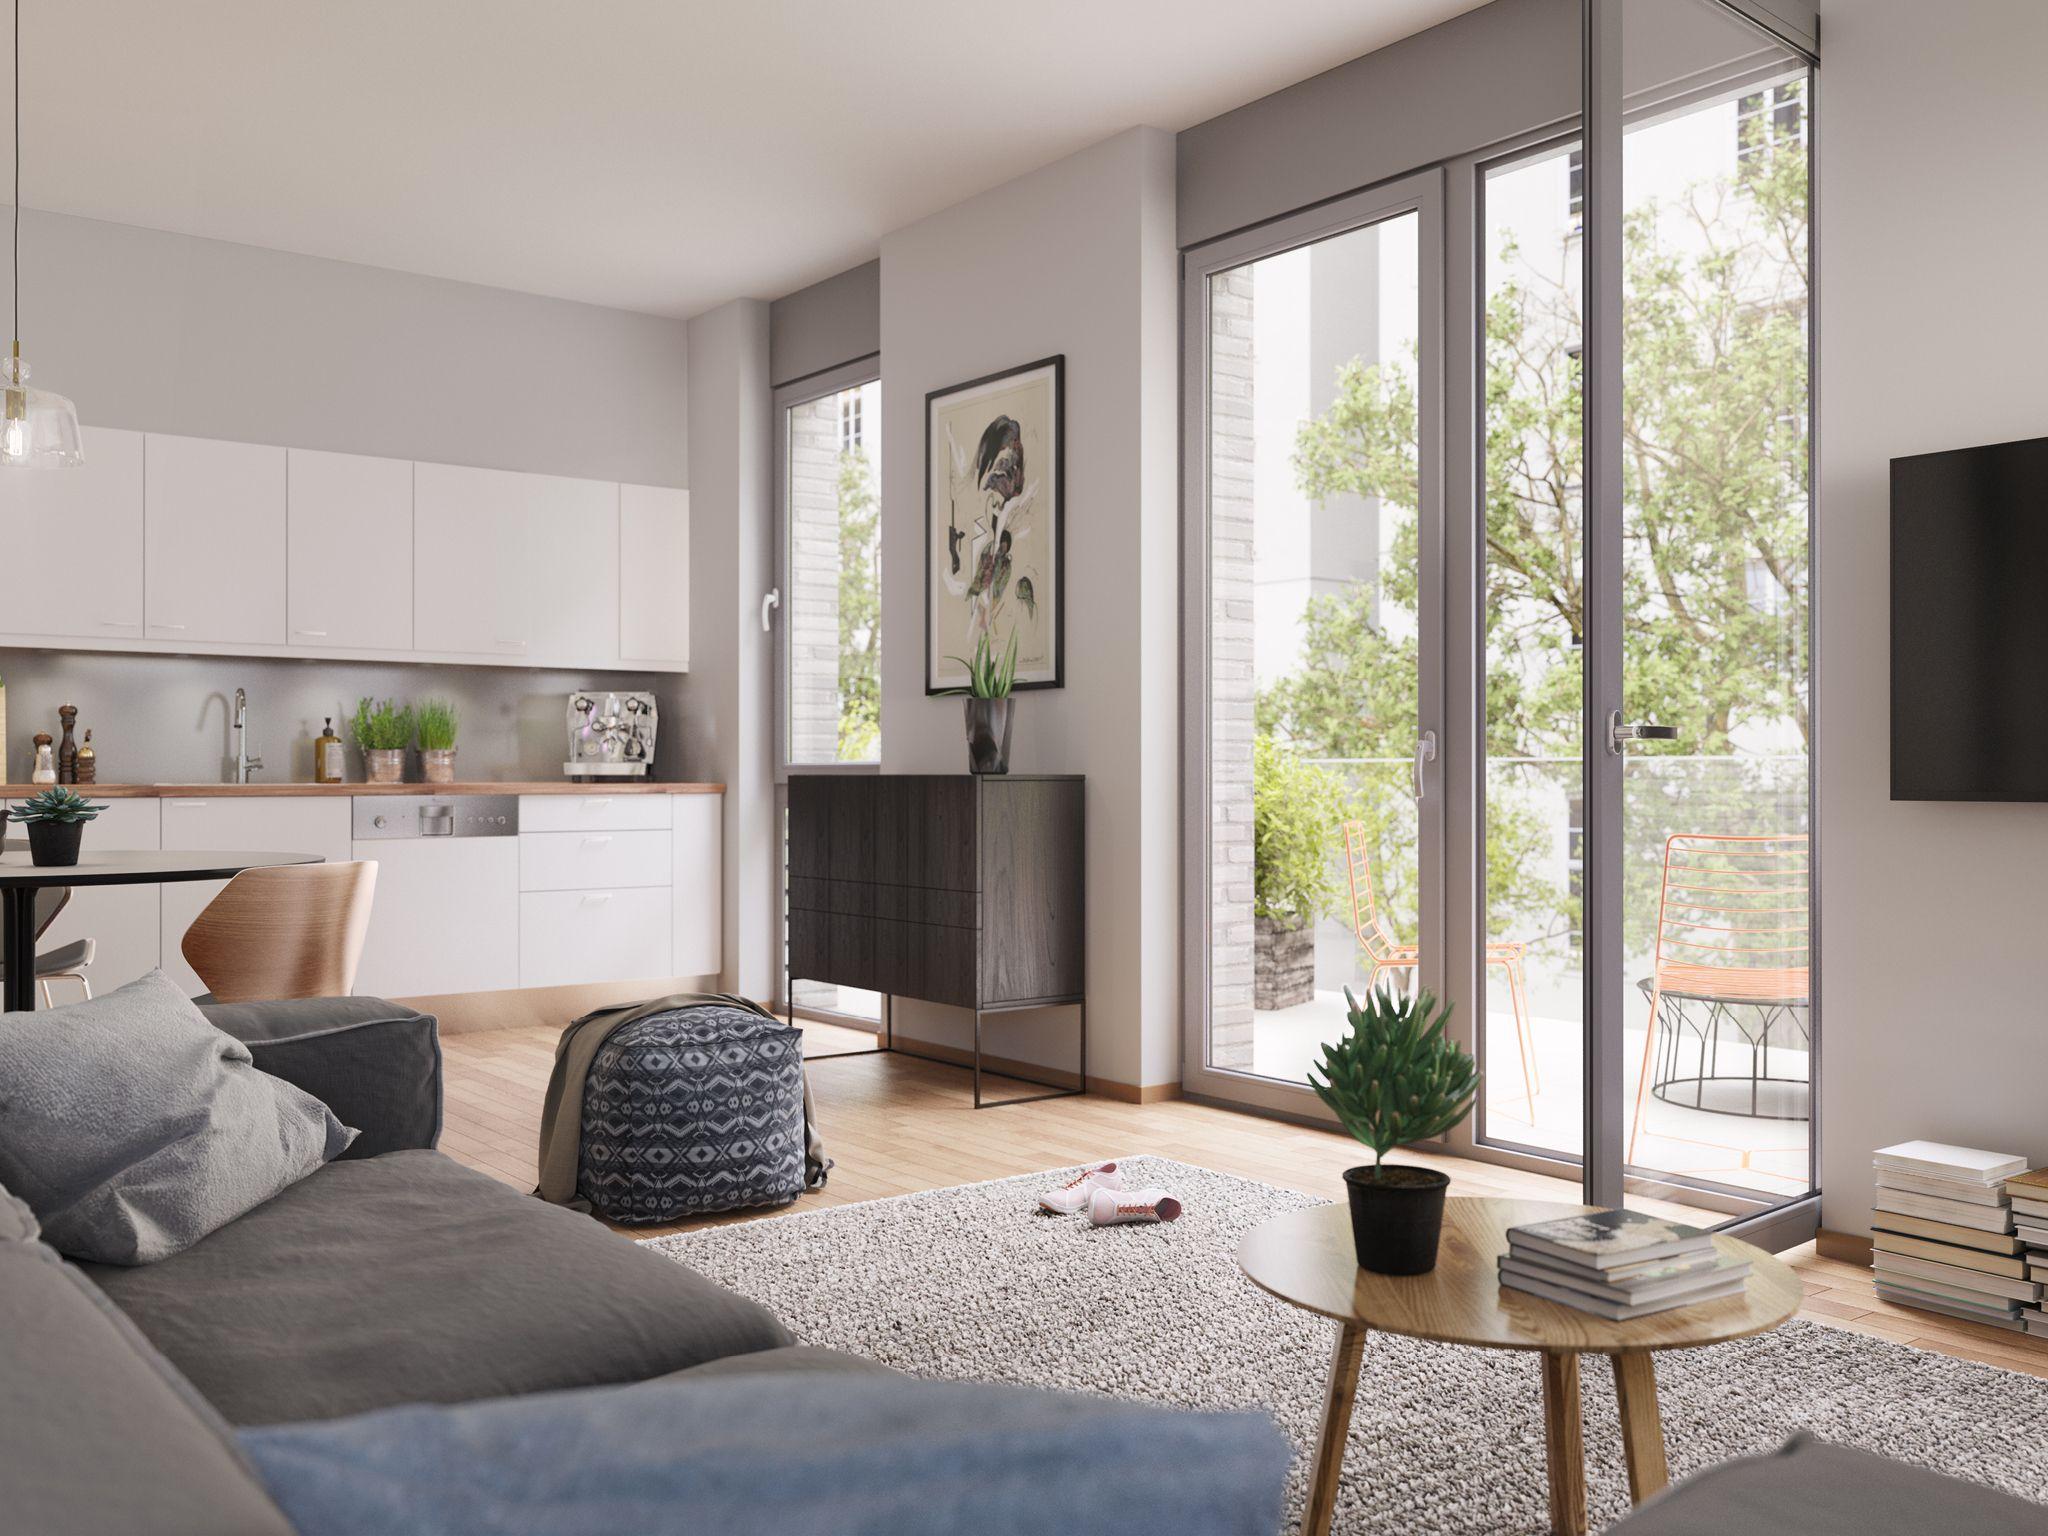 bodentiefe fenster l sen die grenze zwischen au en und innenbereich jede wohnung verf gt ber. Black Bedroom Furniture Sets. Home Design Ideas